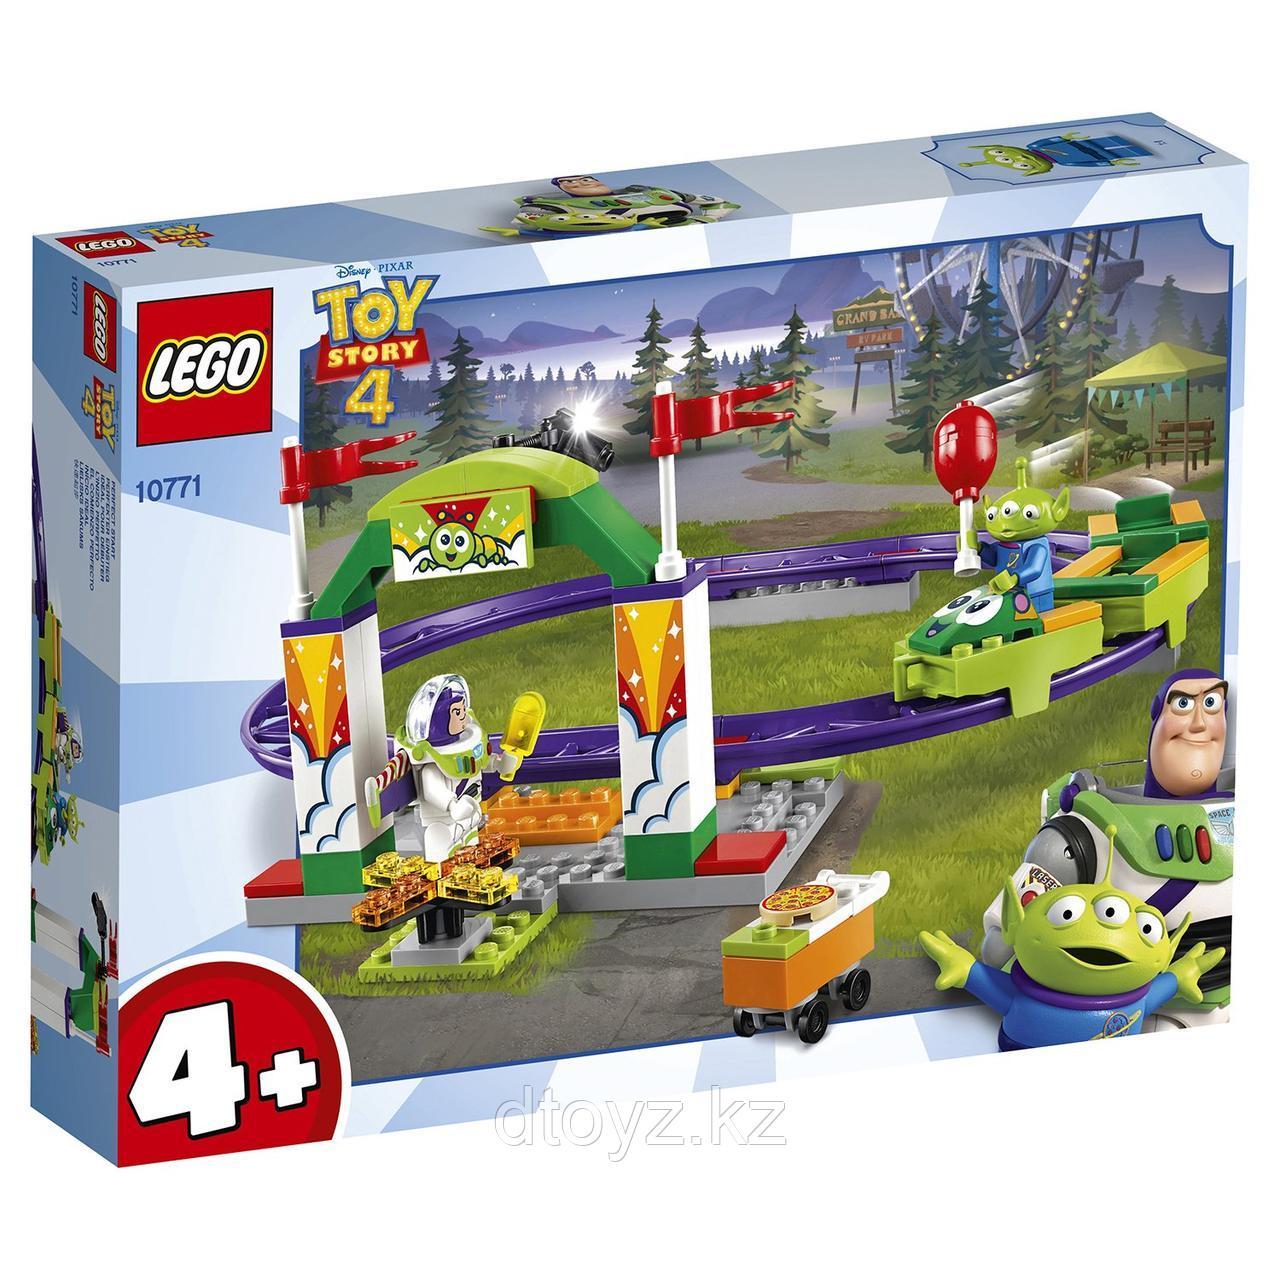 Lego Juniors 10771 История игрушек: Аттракцион Паровозик, Лего Джуниорс